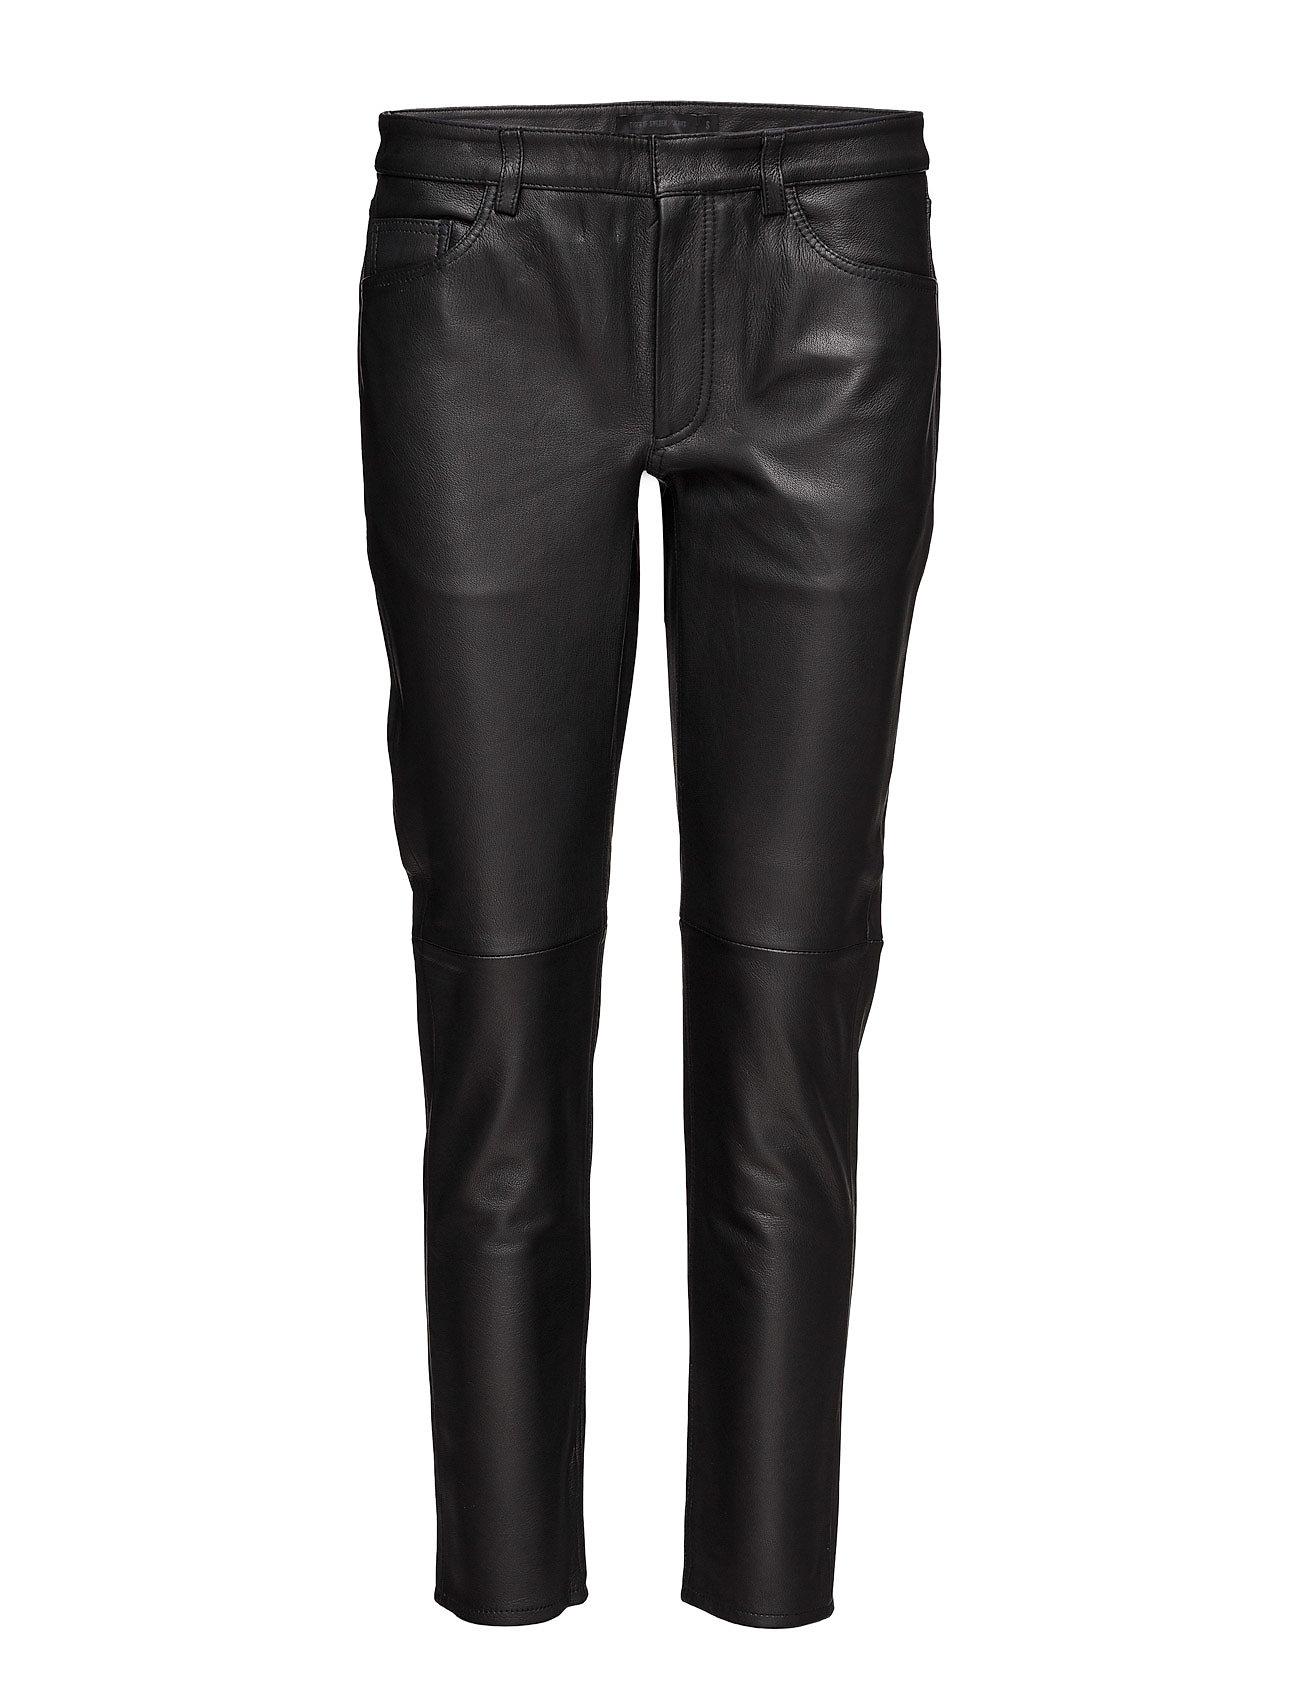 79f8cd914dd5 Blade Lea Tiger of Sweden Jeans til Kvinder i Sort